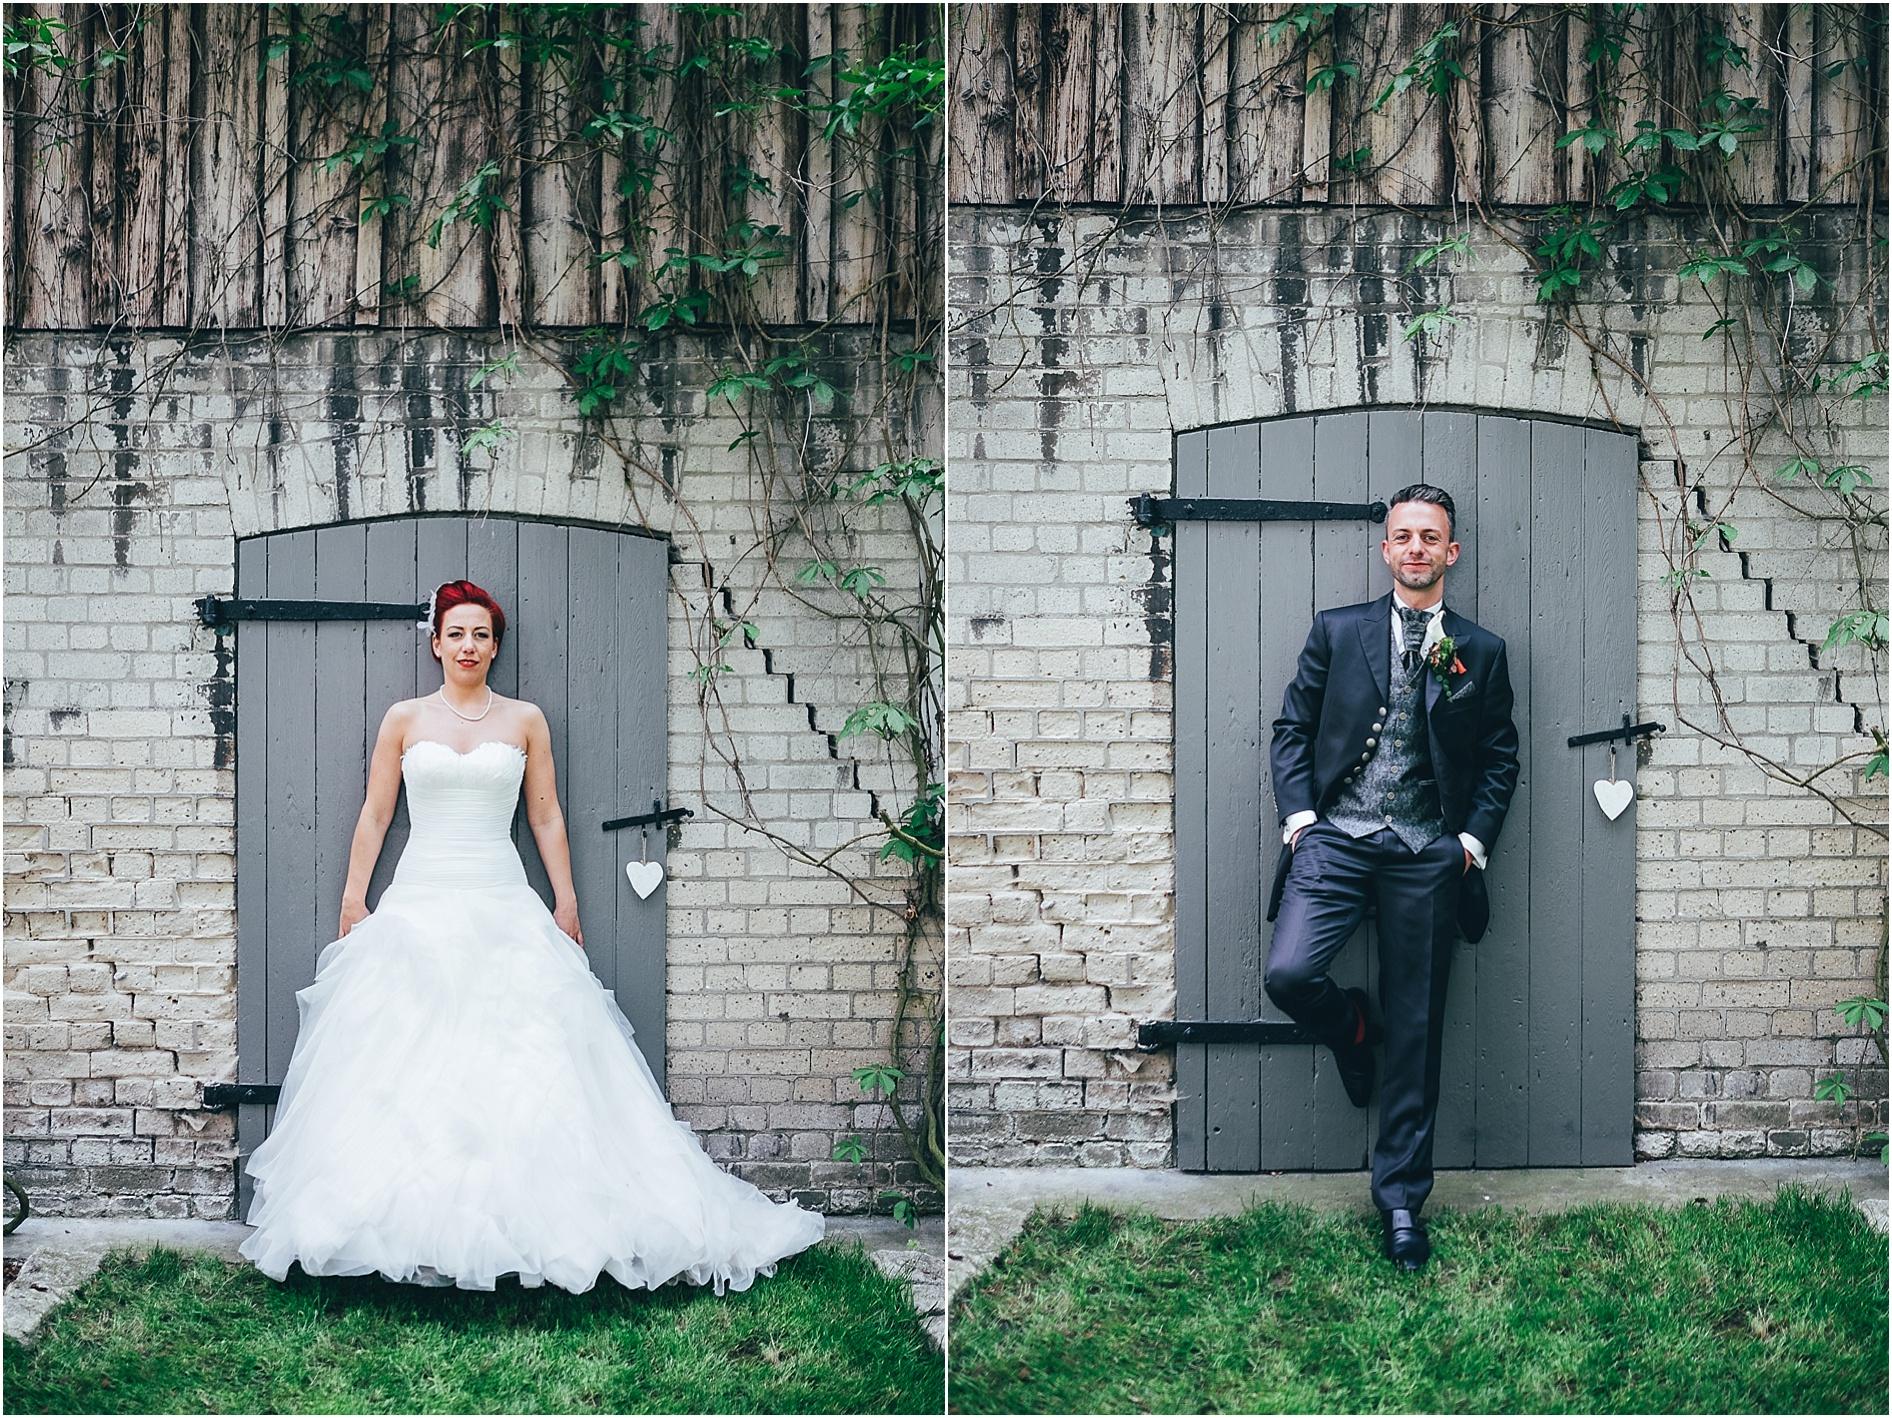 2015-10-27_0083 Tine & Chrischan - Hochzeitsfilm & Fotos in Lüneburg